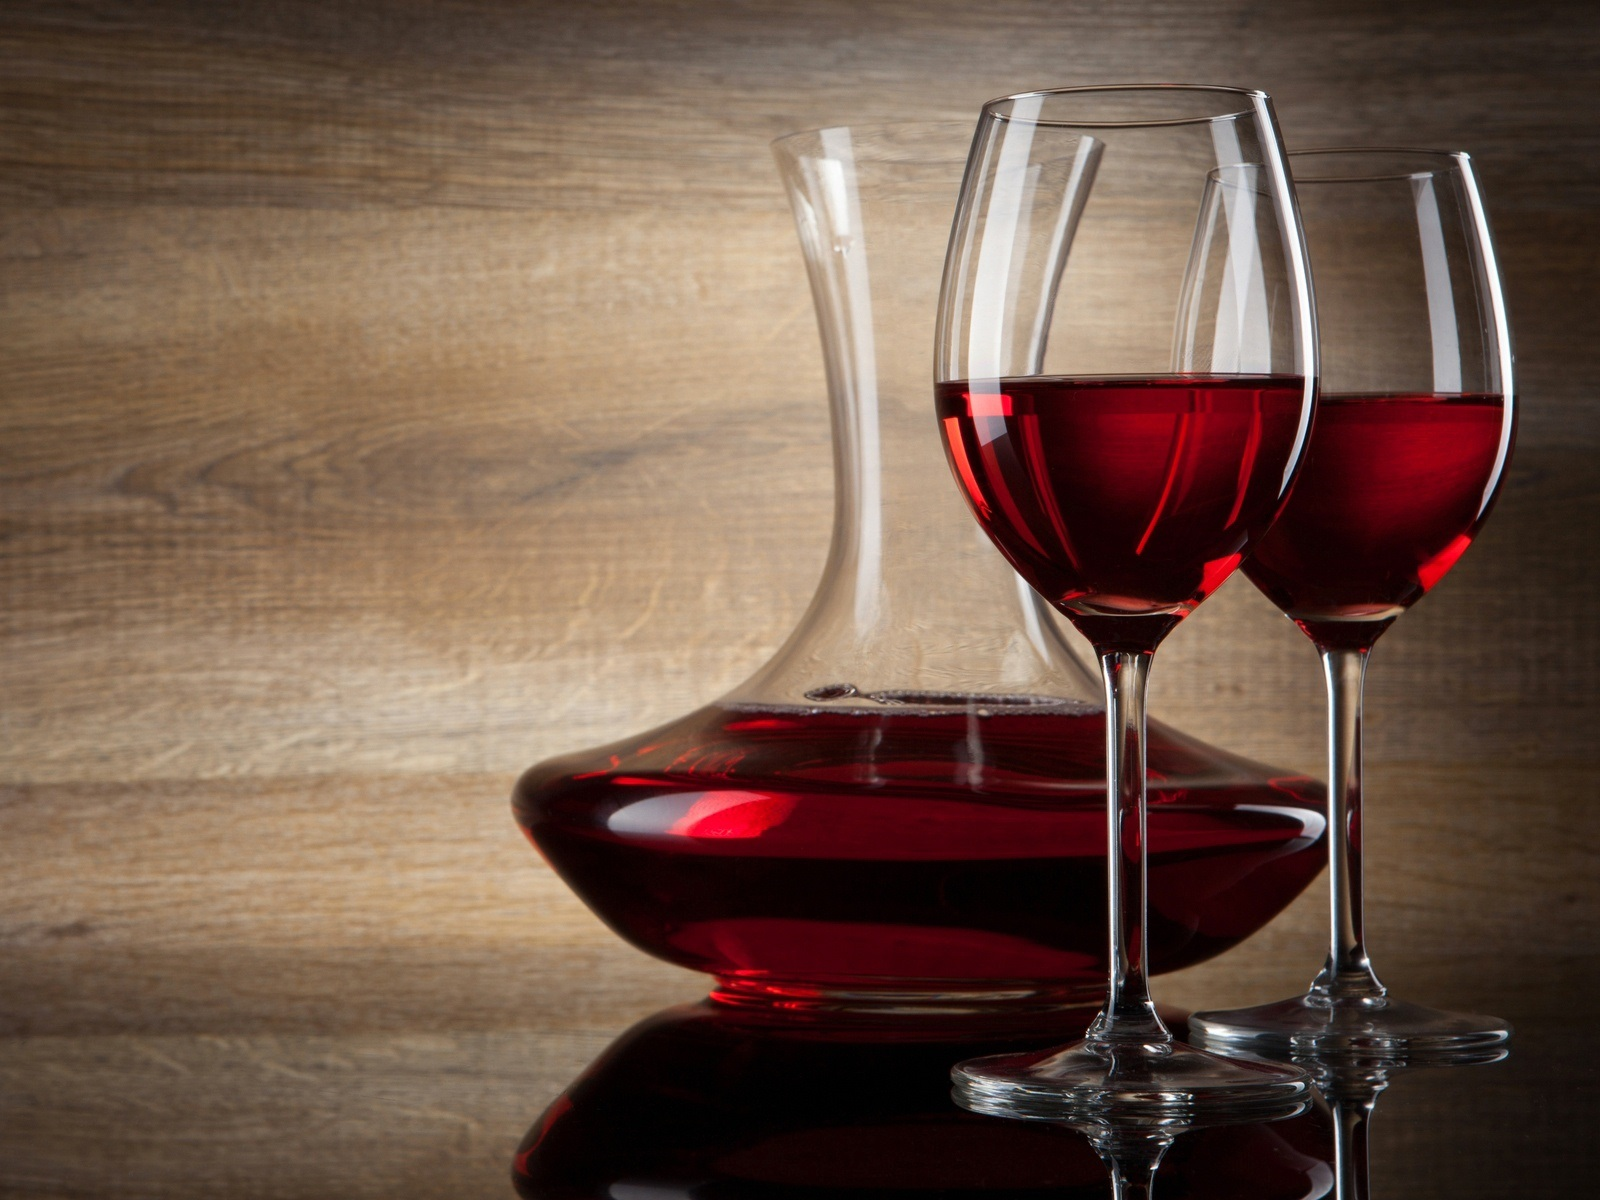 Поздравление сентября, картинки с красным вином